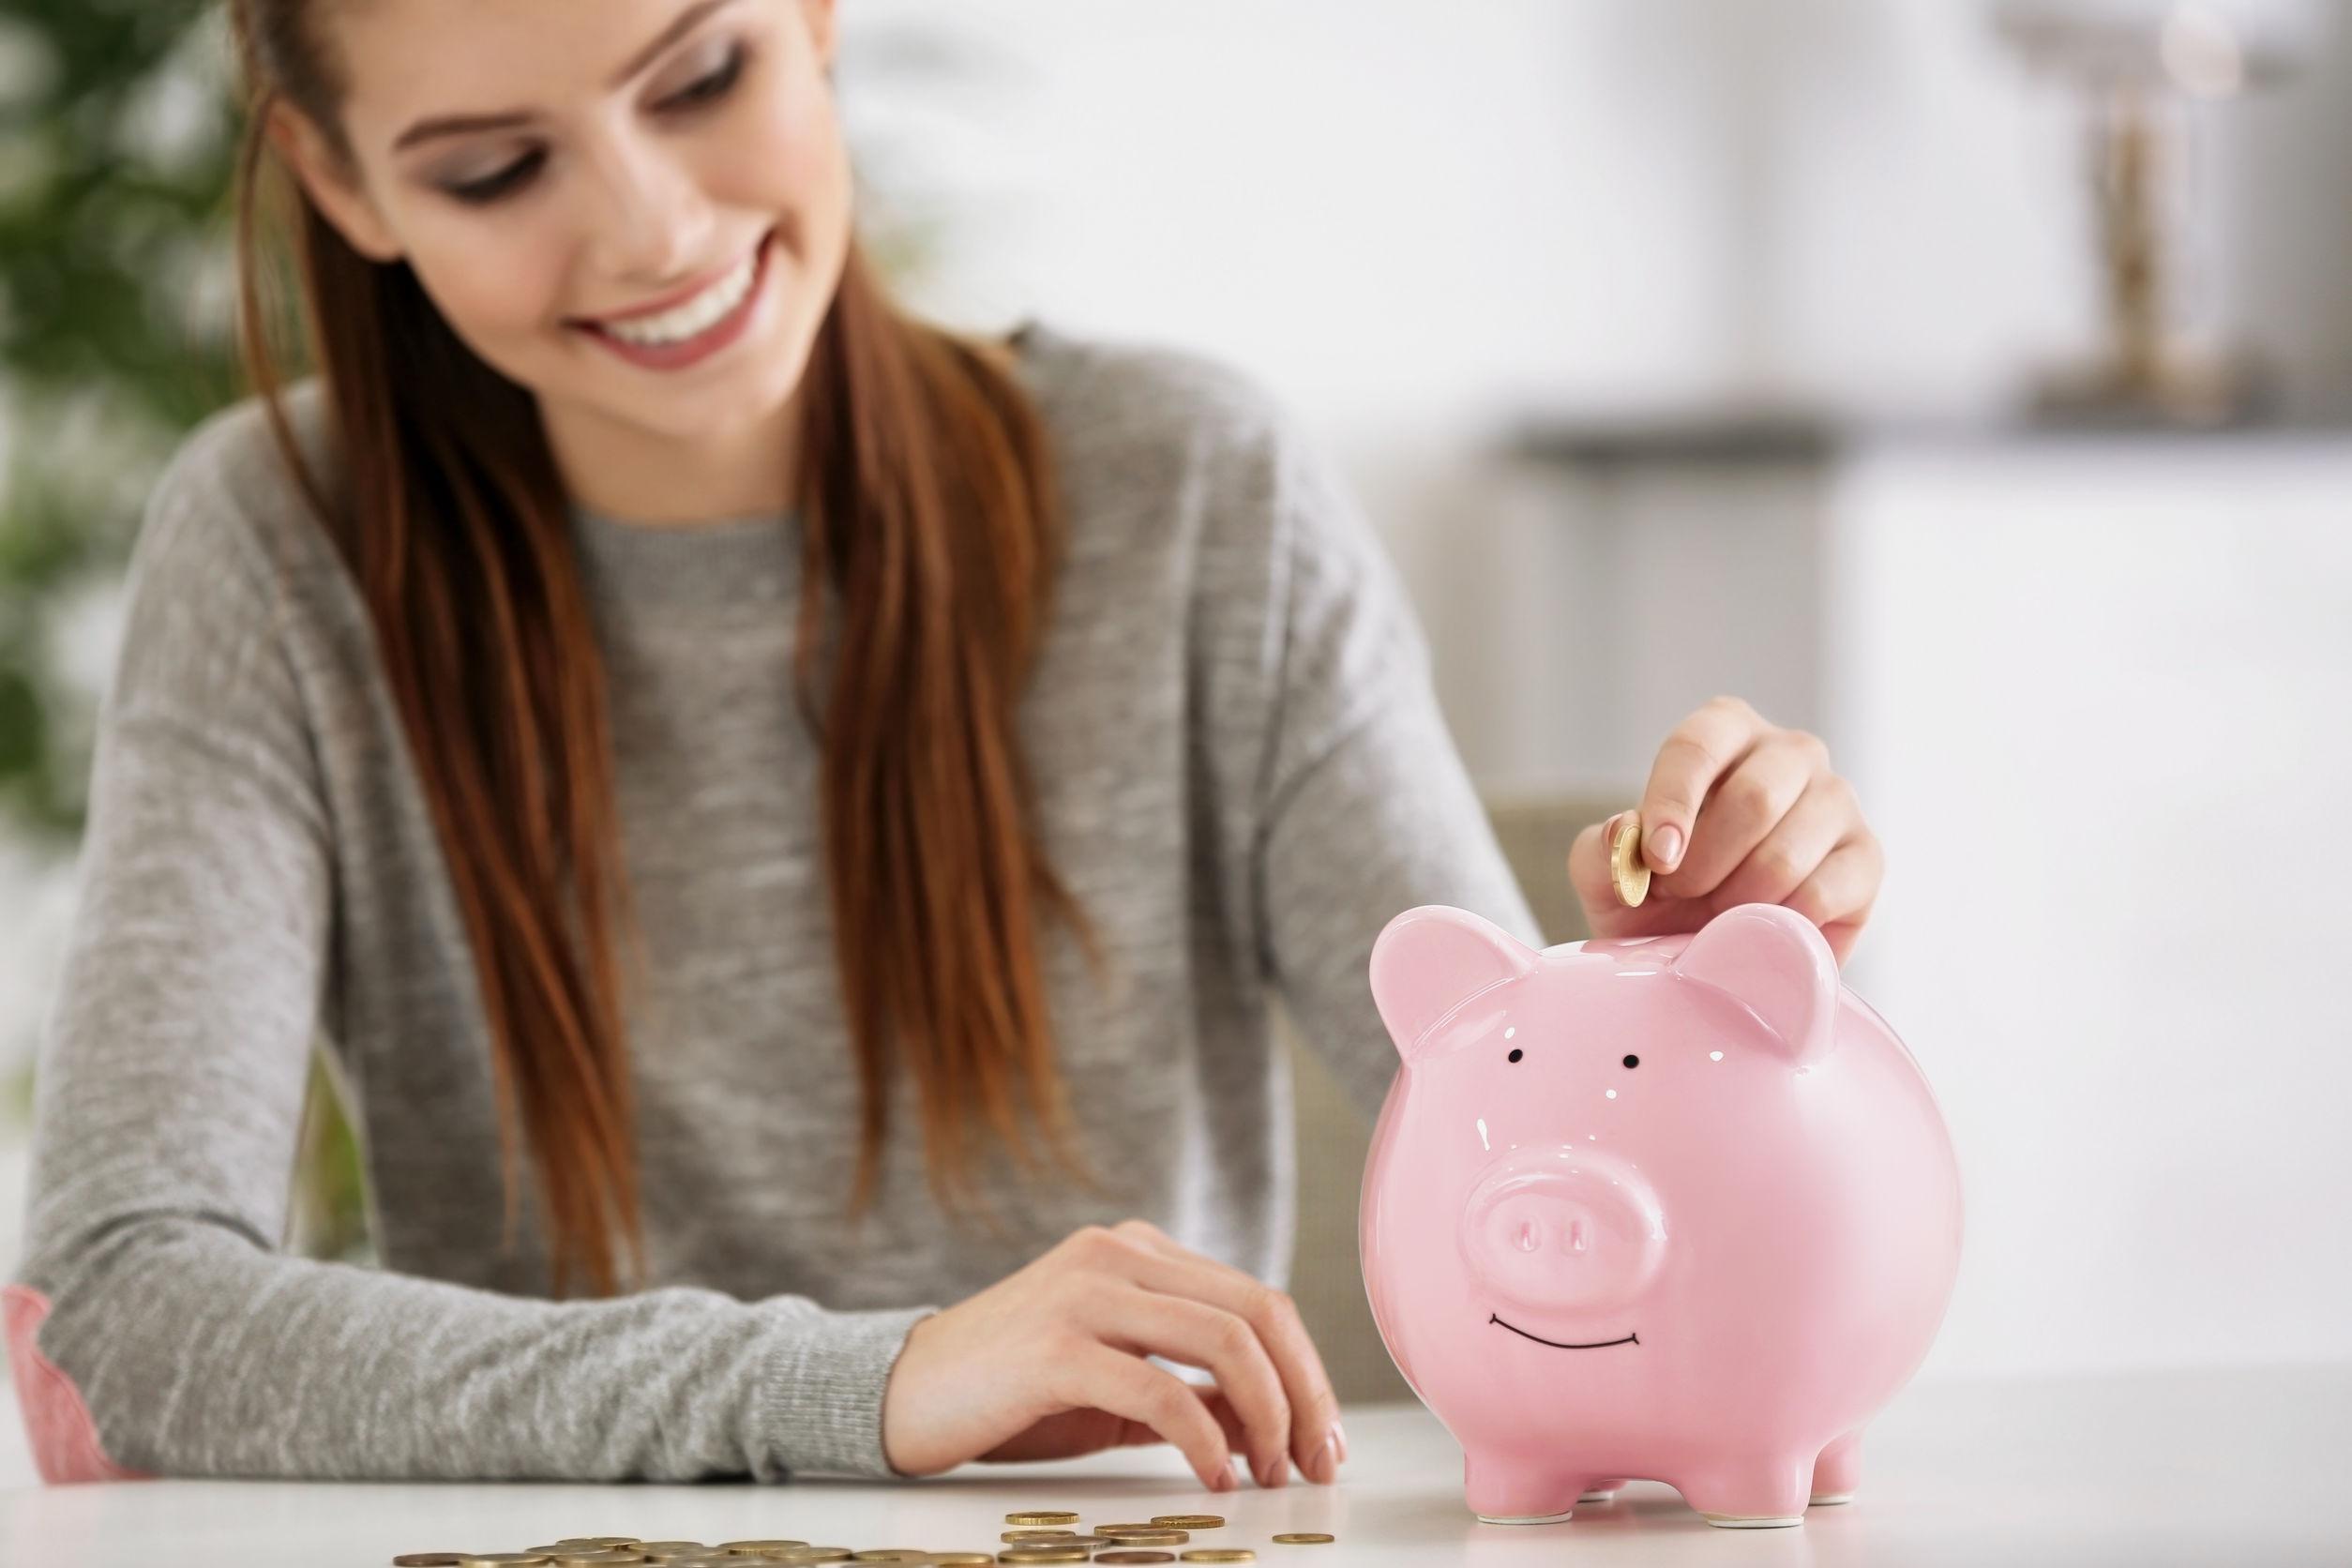 Imagem mostra uma mulher olhando para um cofre em forma de porquinho.